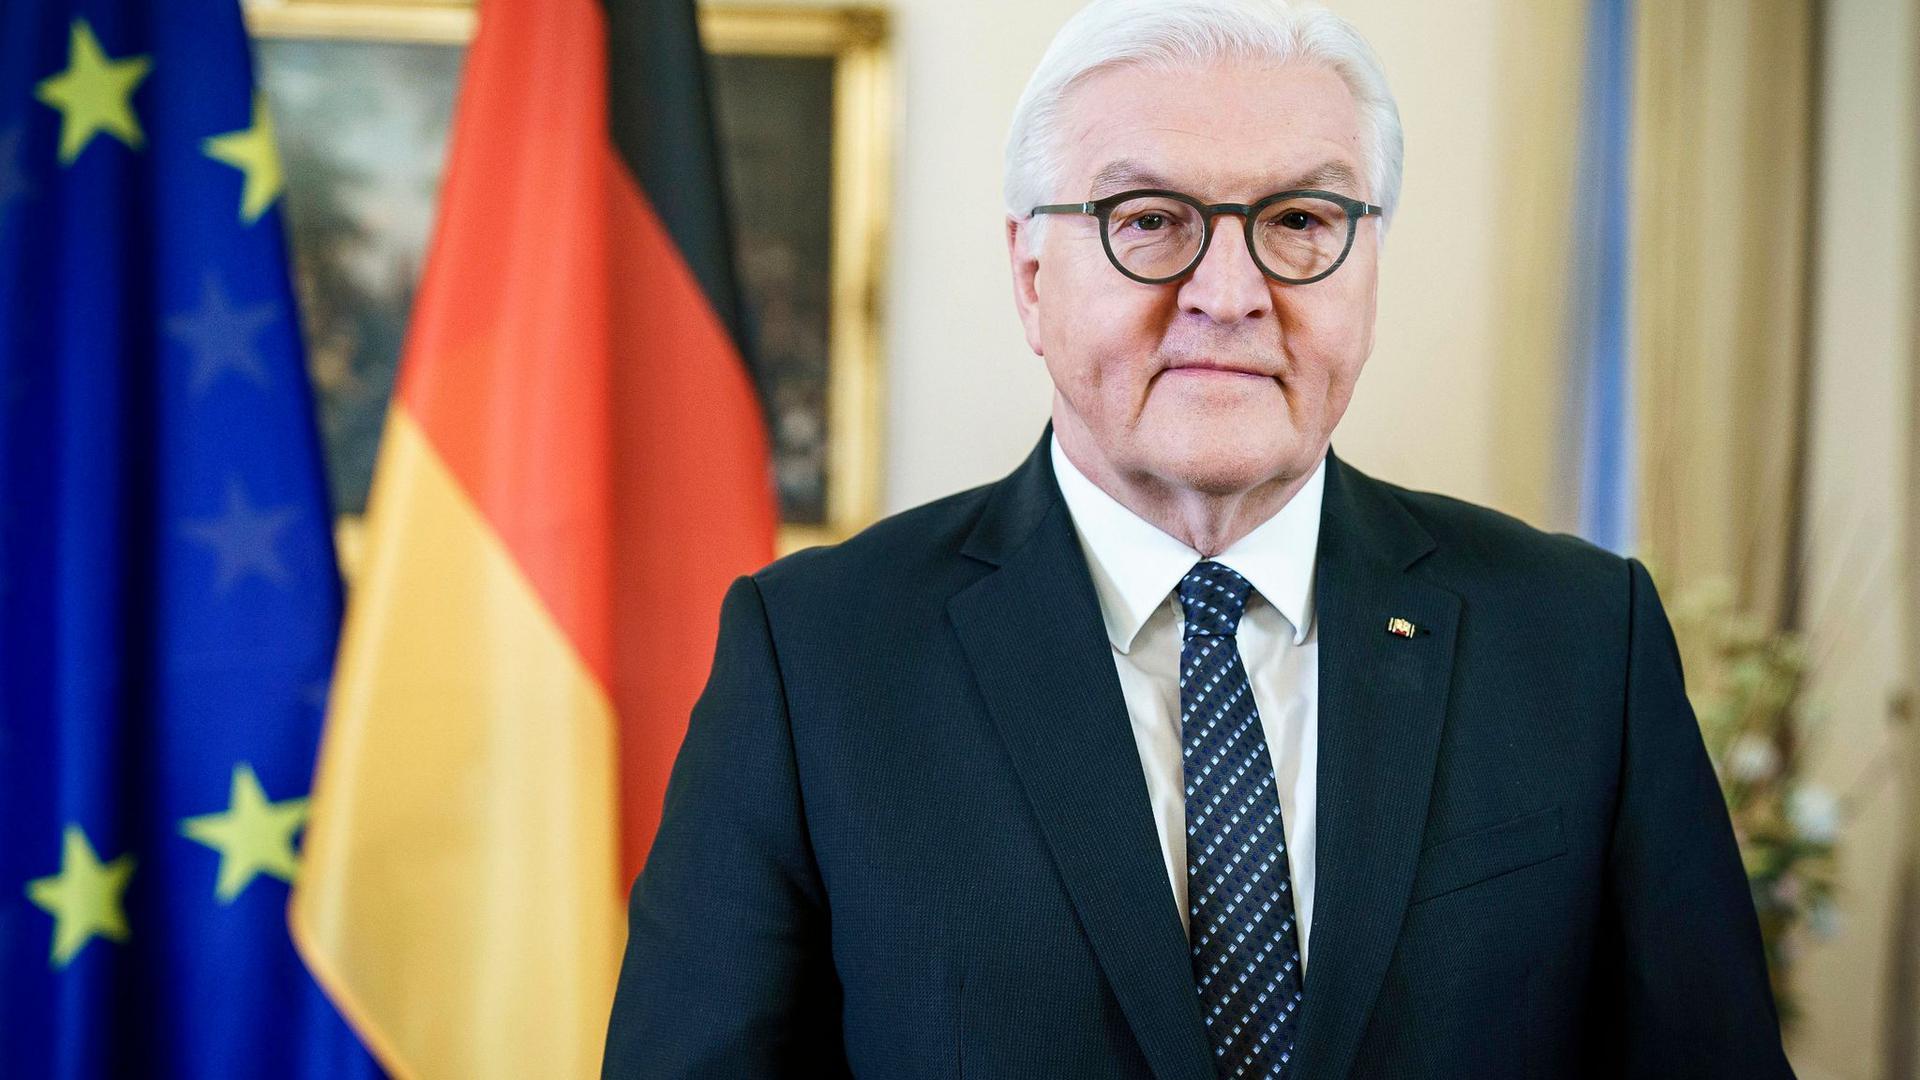 Bundespräsident Frank-Walter Steinmeier spricht während der Video-Aufzeichnung zur Amtsübernahme Joe Bidens.